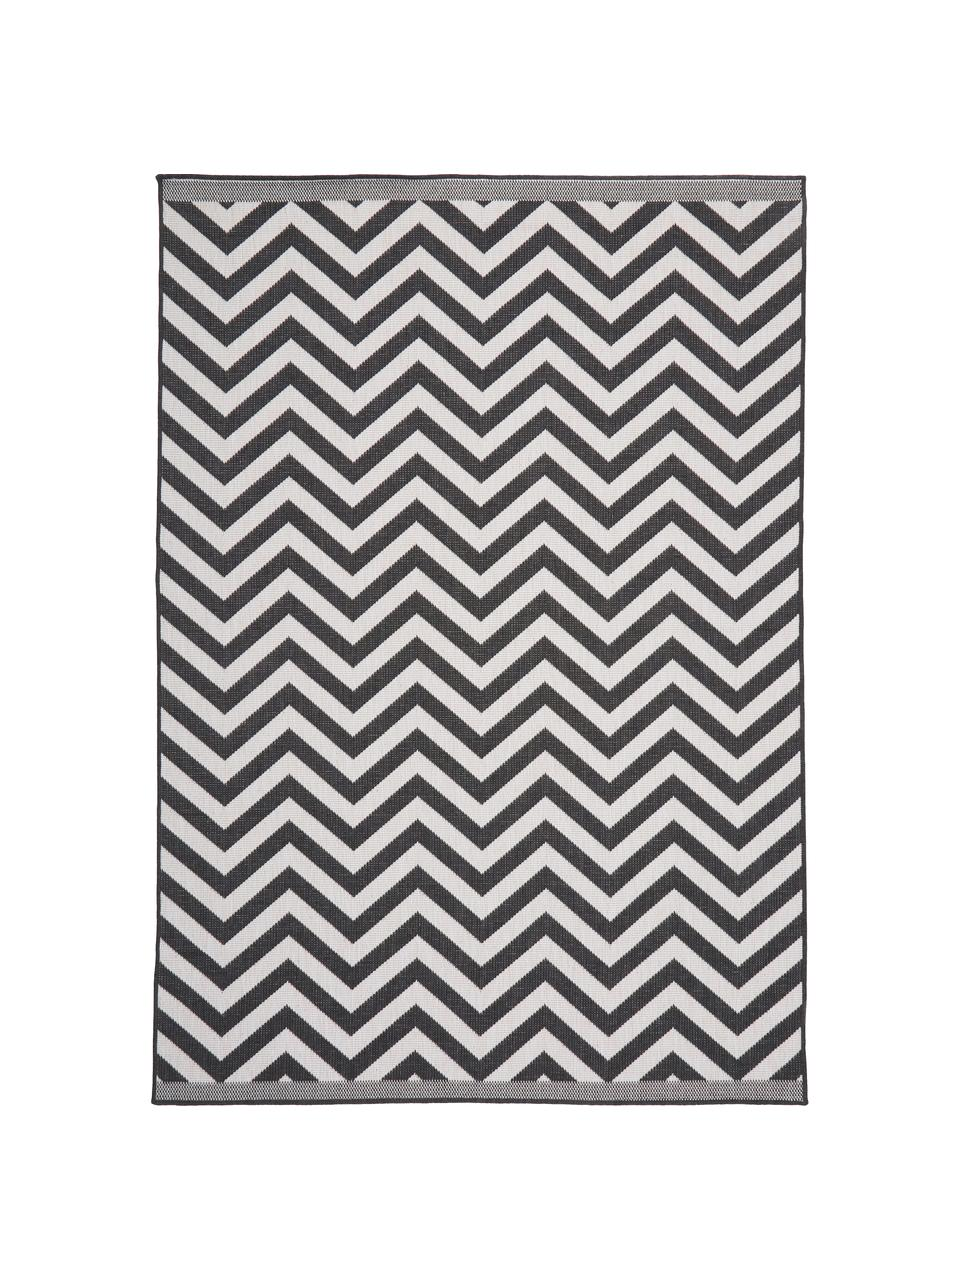 Dwustronny dywan wewnętrzny/zewnętrzny Palma, 100% polipropylen, Czarny, kremowy, S 200 x D 290 cm (Rozmiar L)